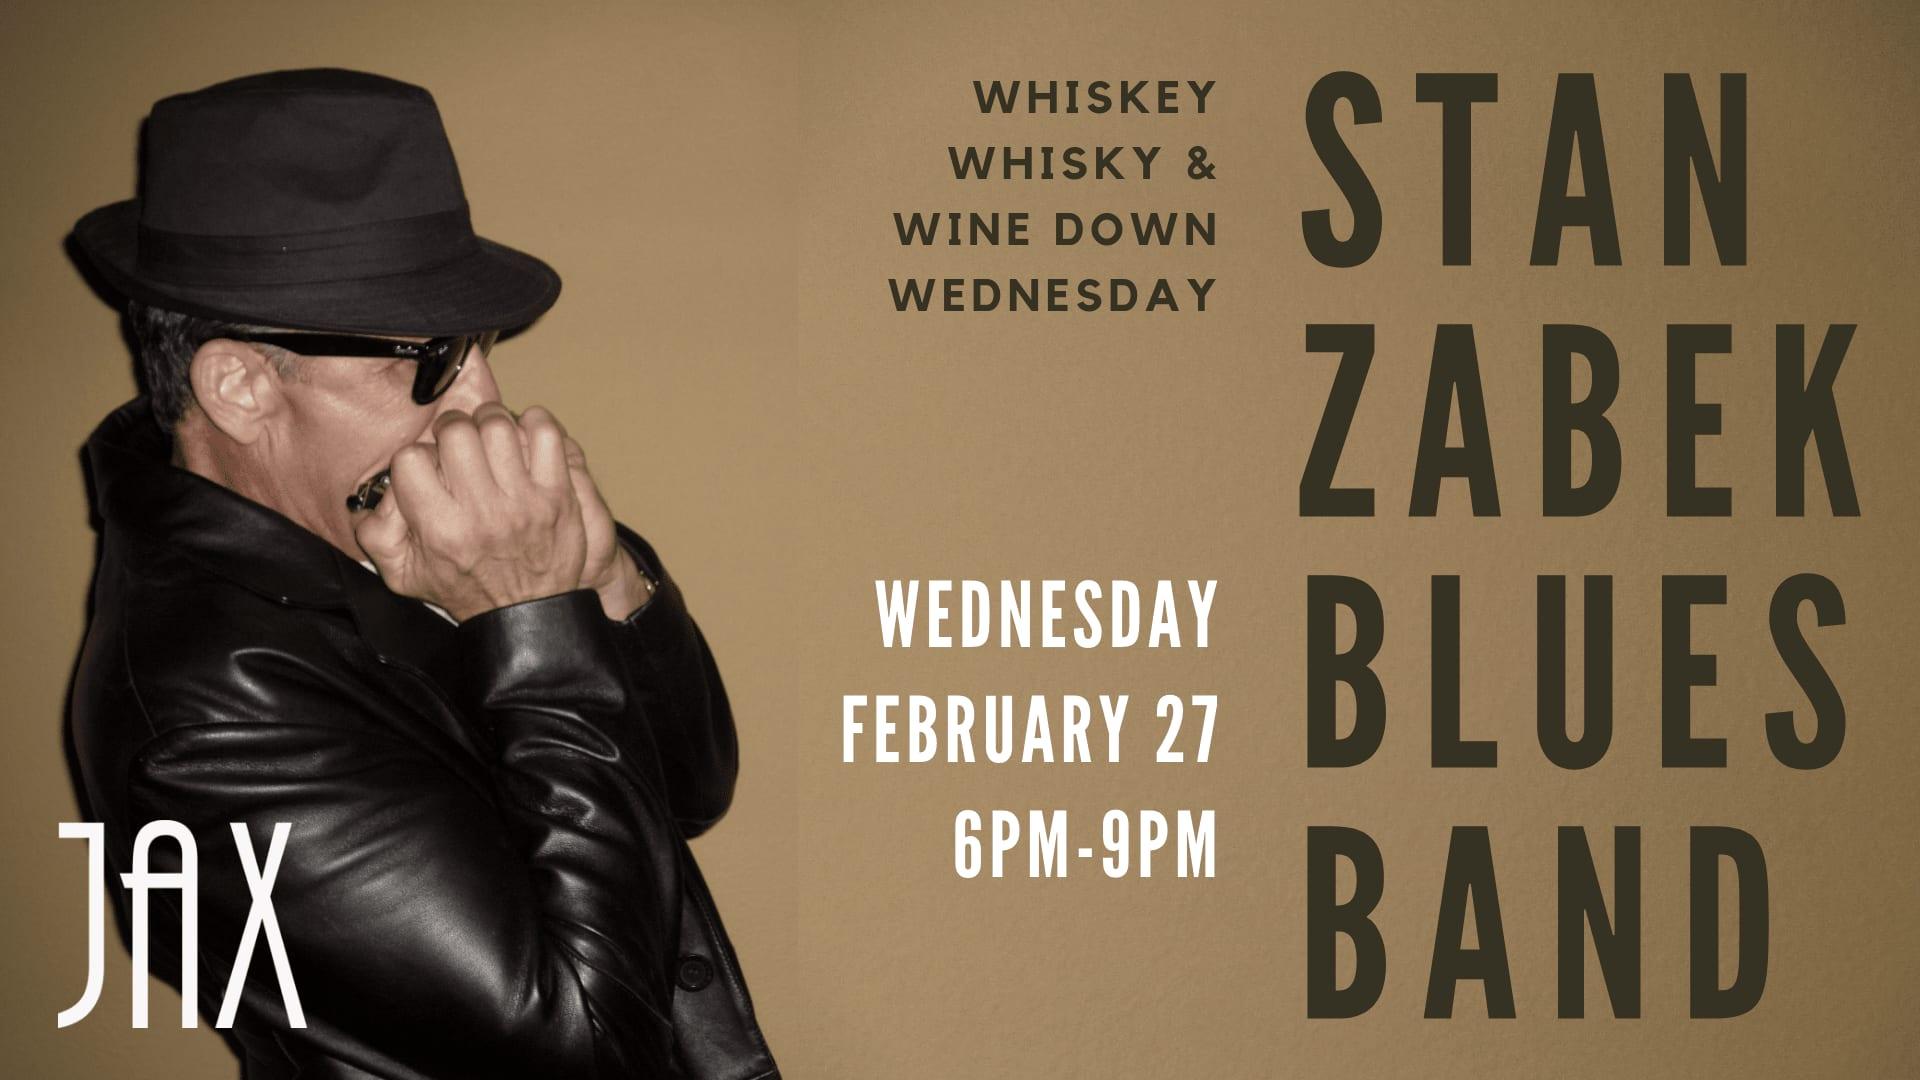 February 27 | STAN ZABEK BLUES BAND